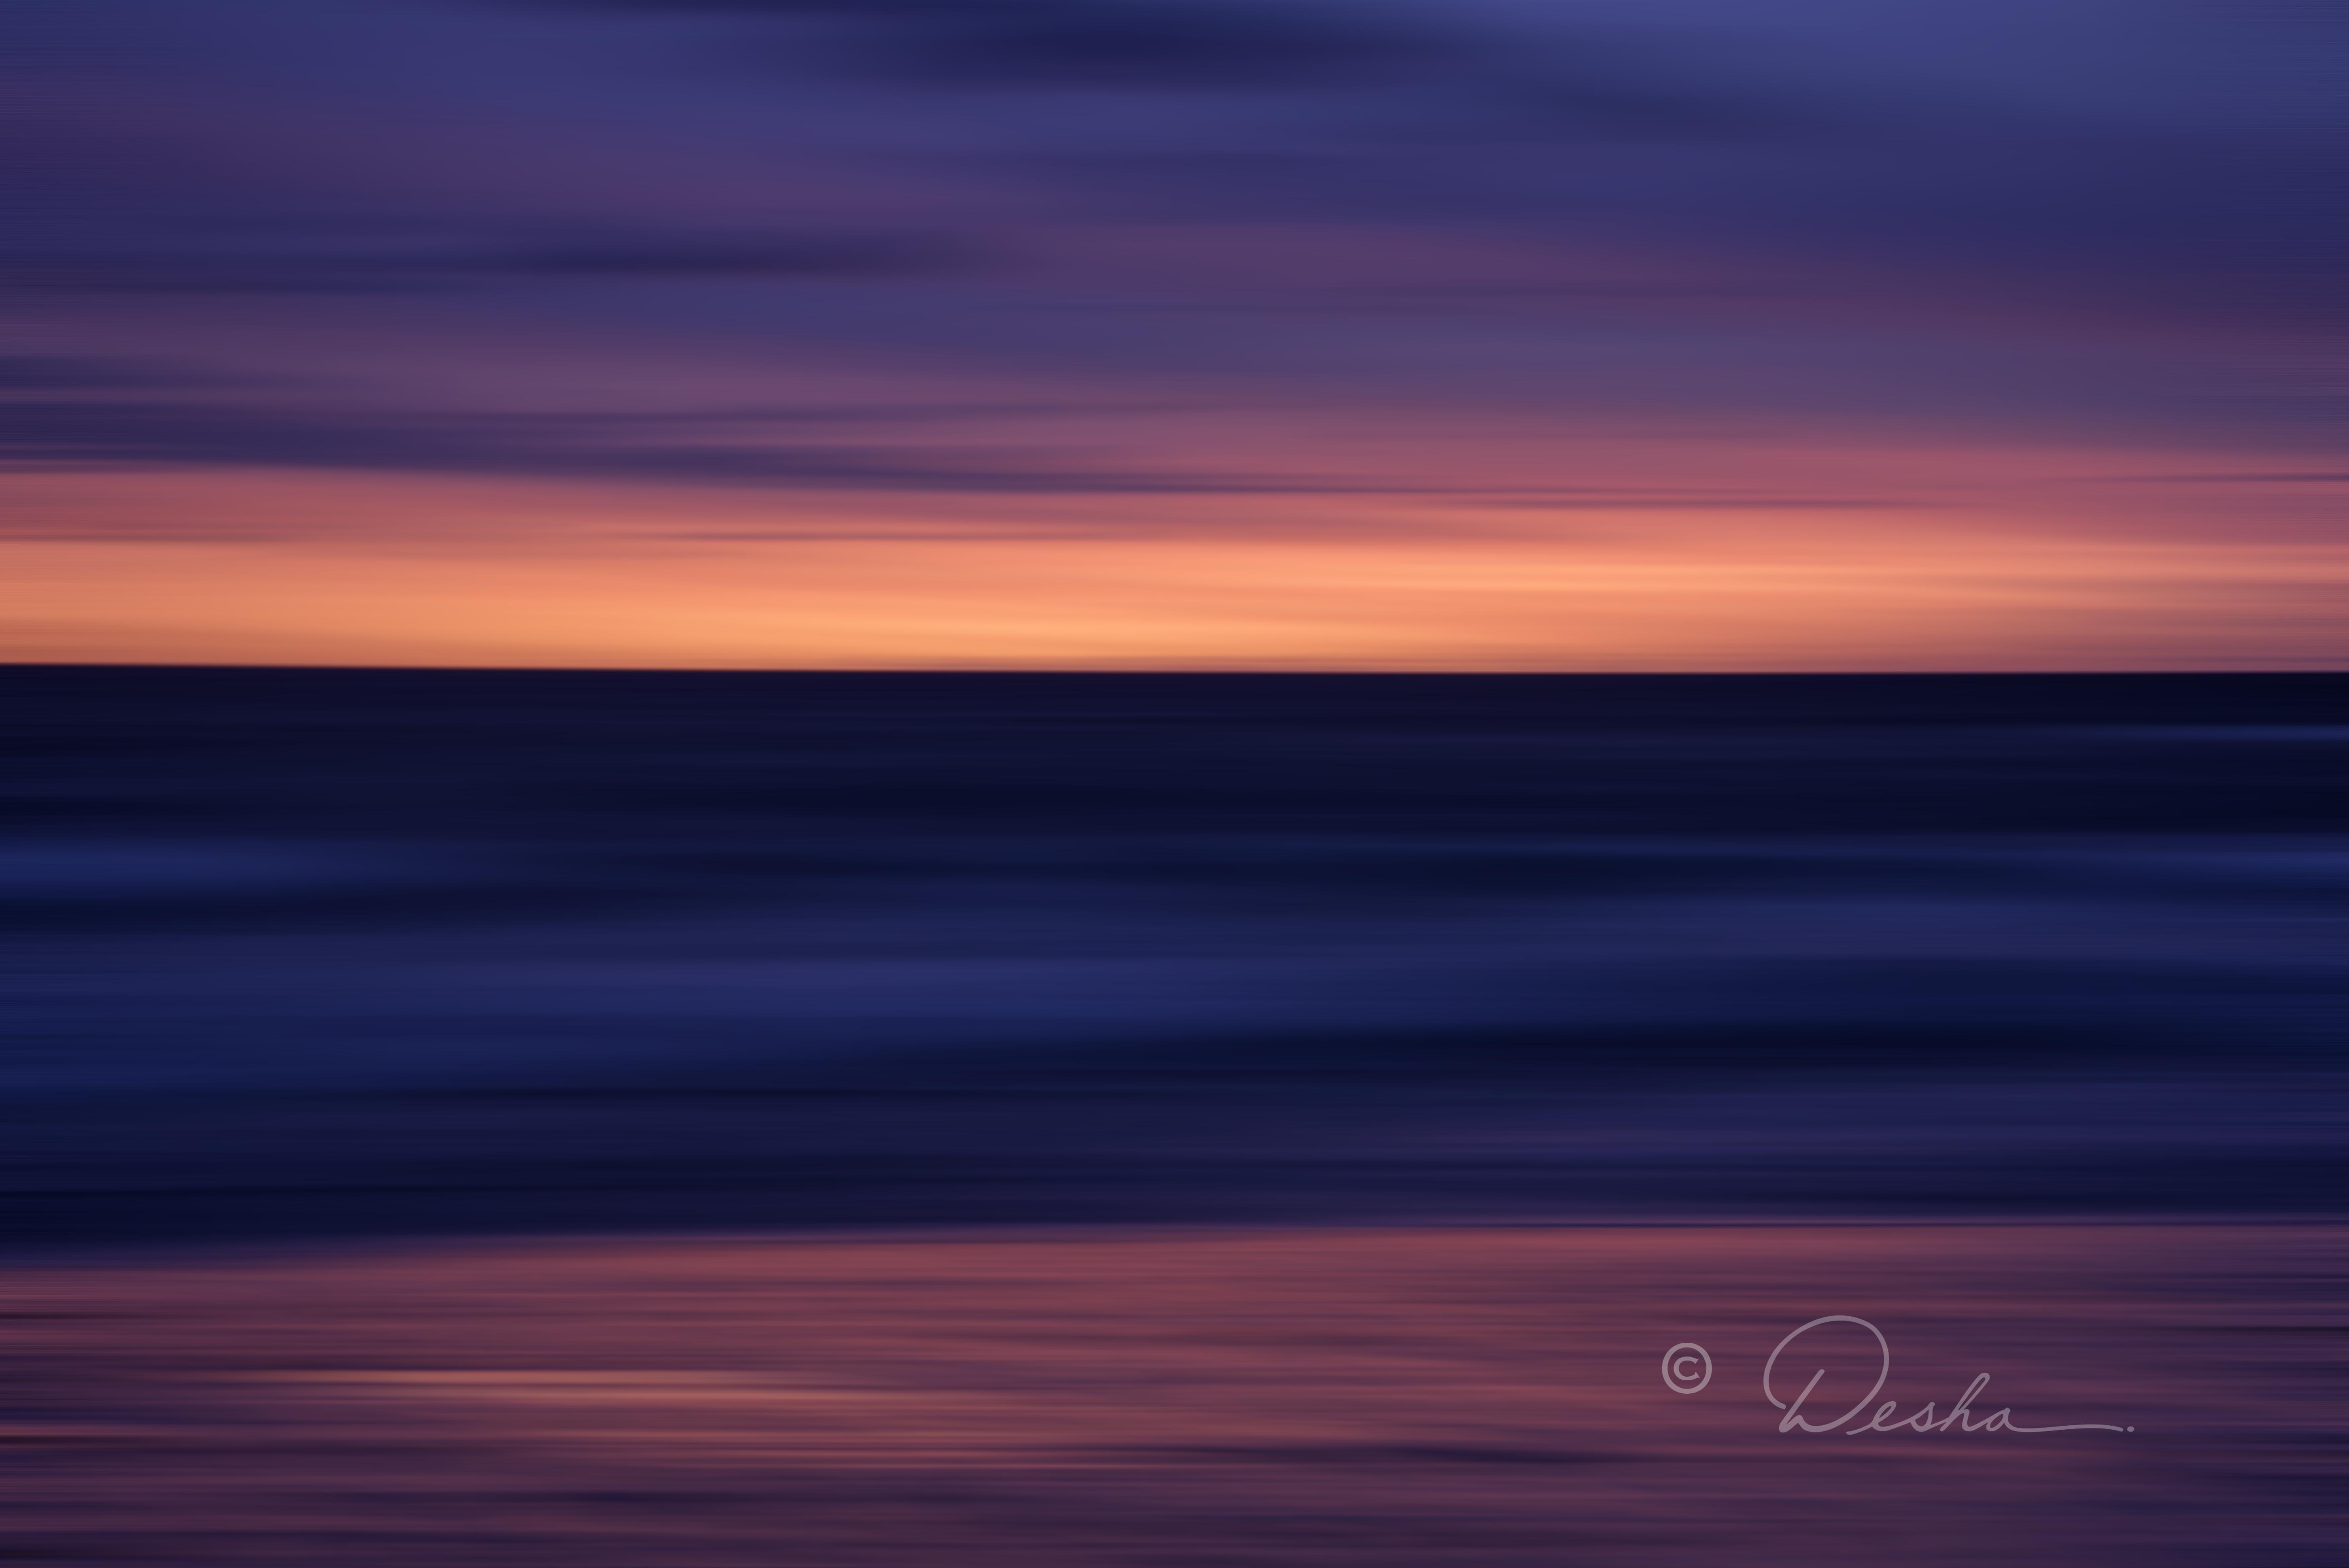 Motion Blur, Rexhame Beach, MA